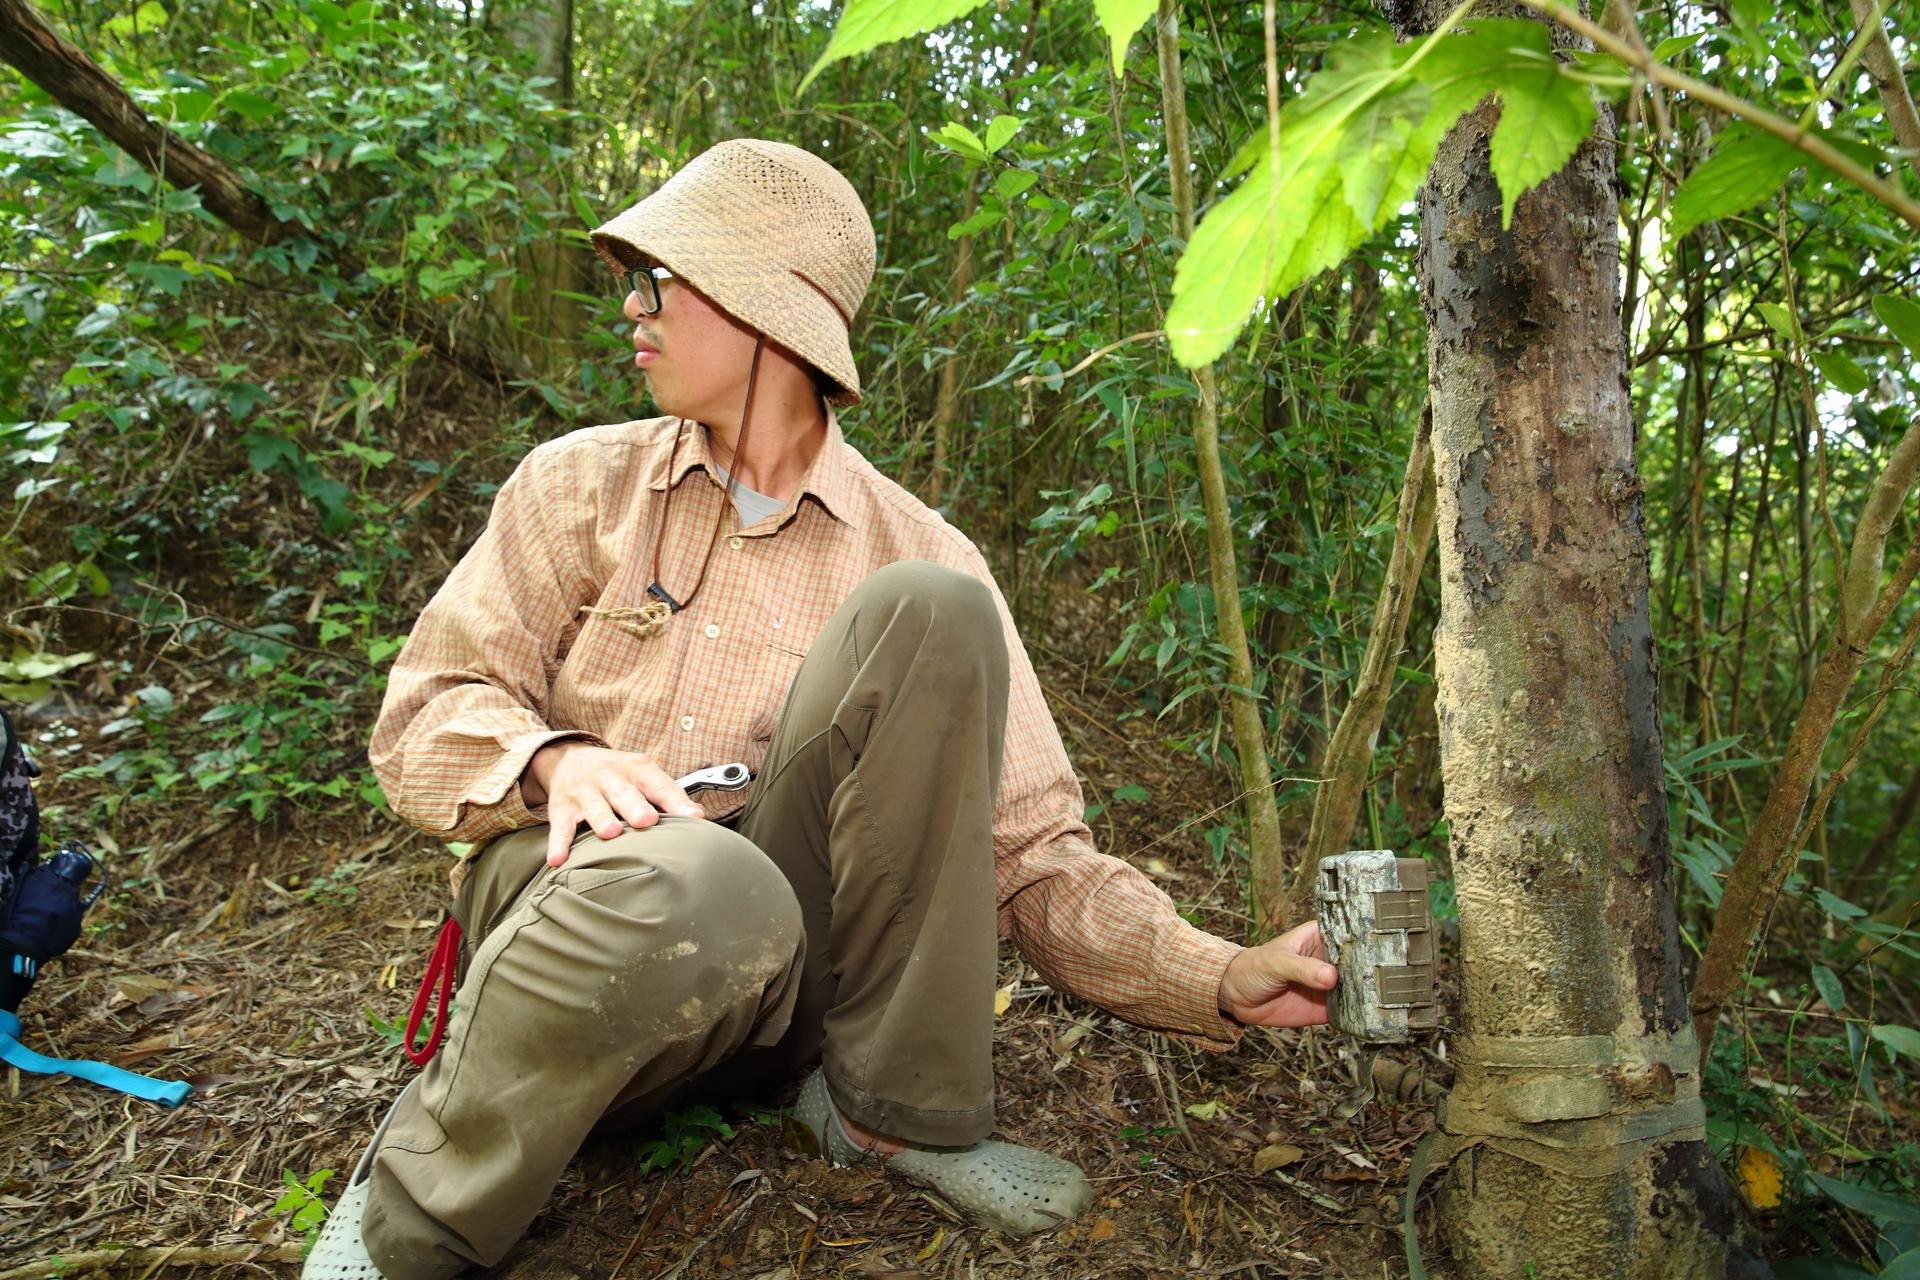 王正安唸的是森林系,擔任田鱉米的田間經理已經三年,田間農事難不倒他,調查工作也駕輕就熟。他在稻田周邊架設了幾具紅外線攝影機,換電池、檢查影像也是例行工作。問他有沒有拍過石虎,他笑著說:「石虎是基本款。」(攝影:陳郁文)